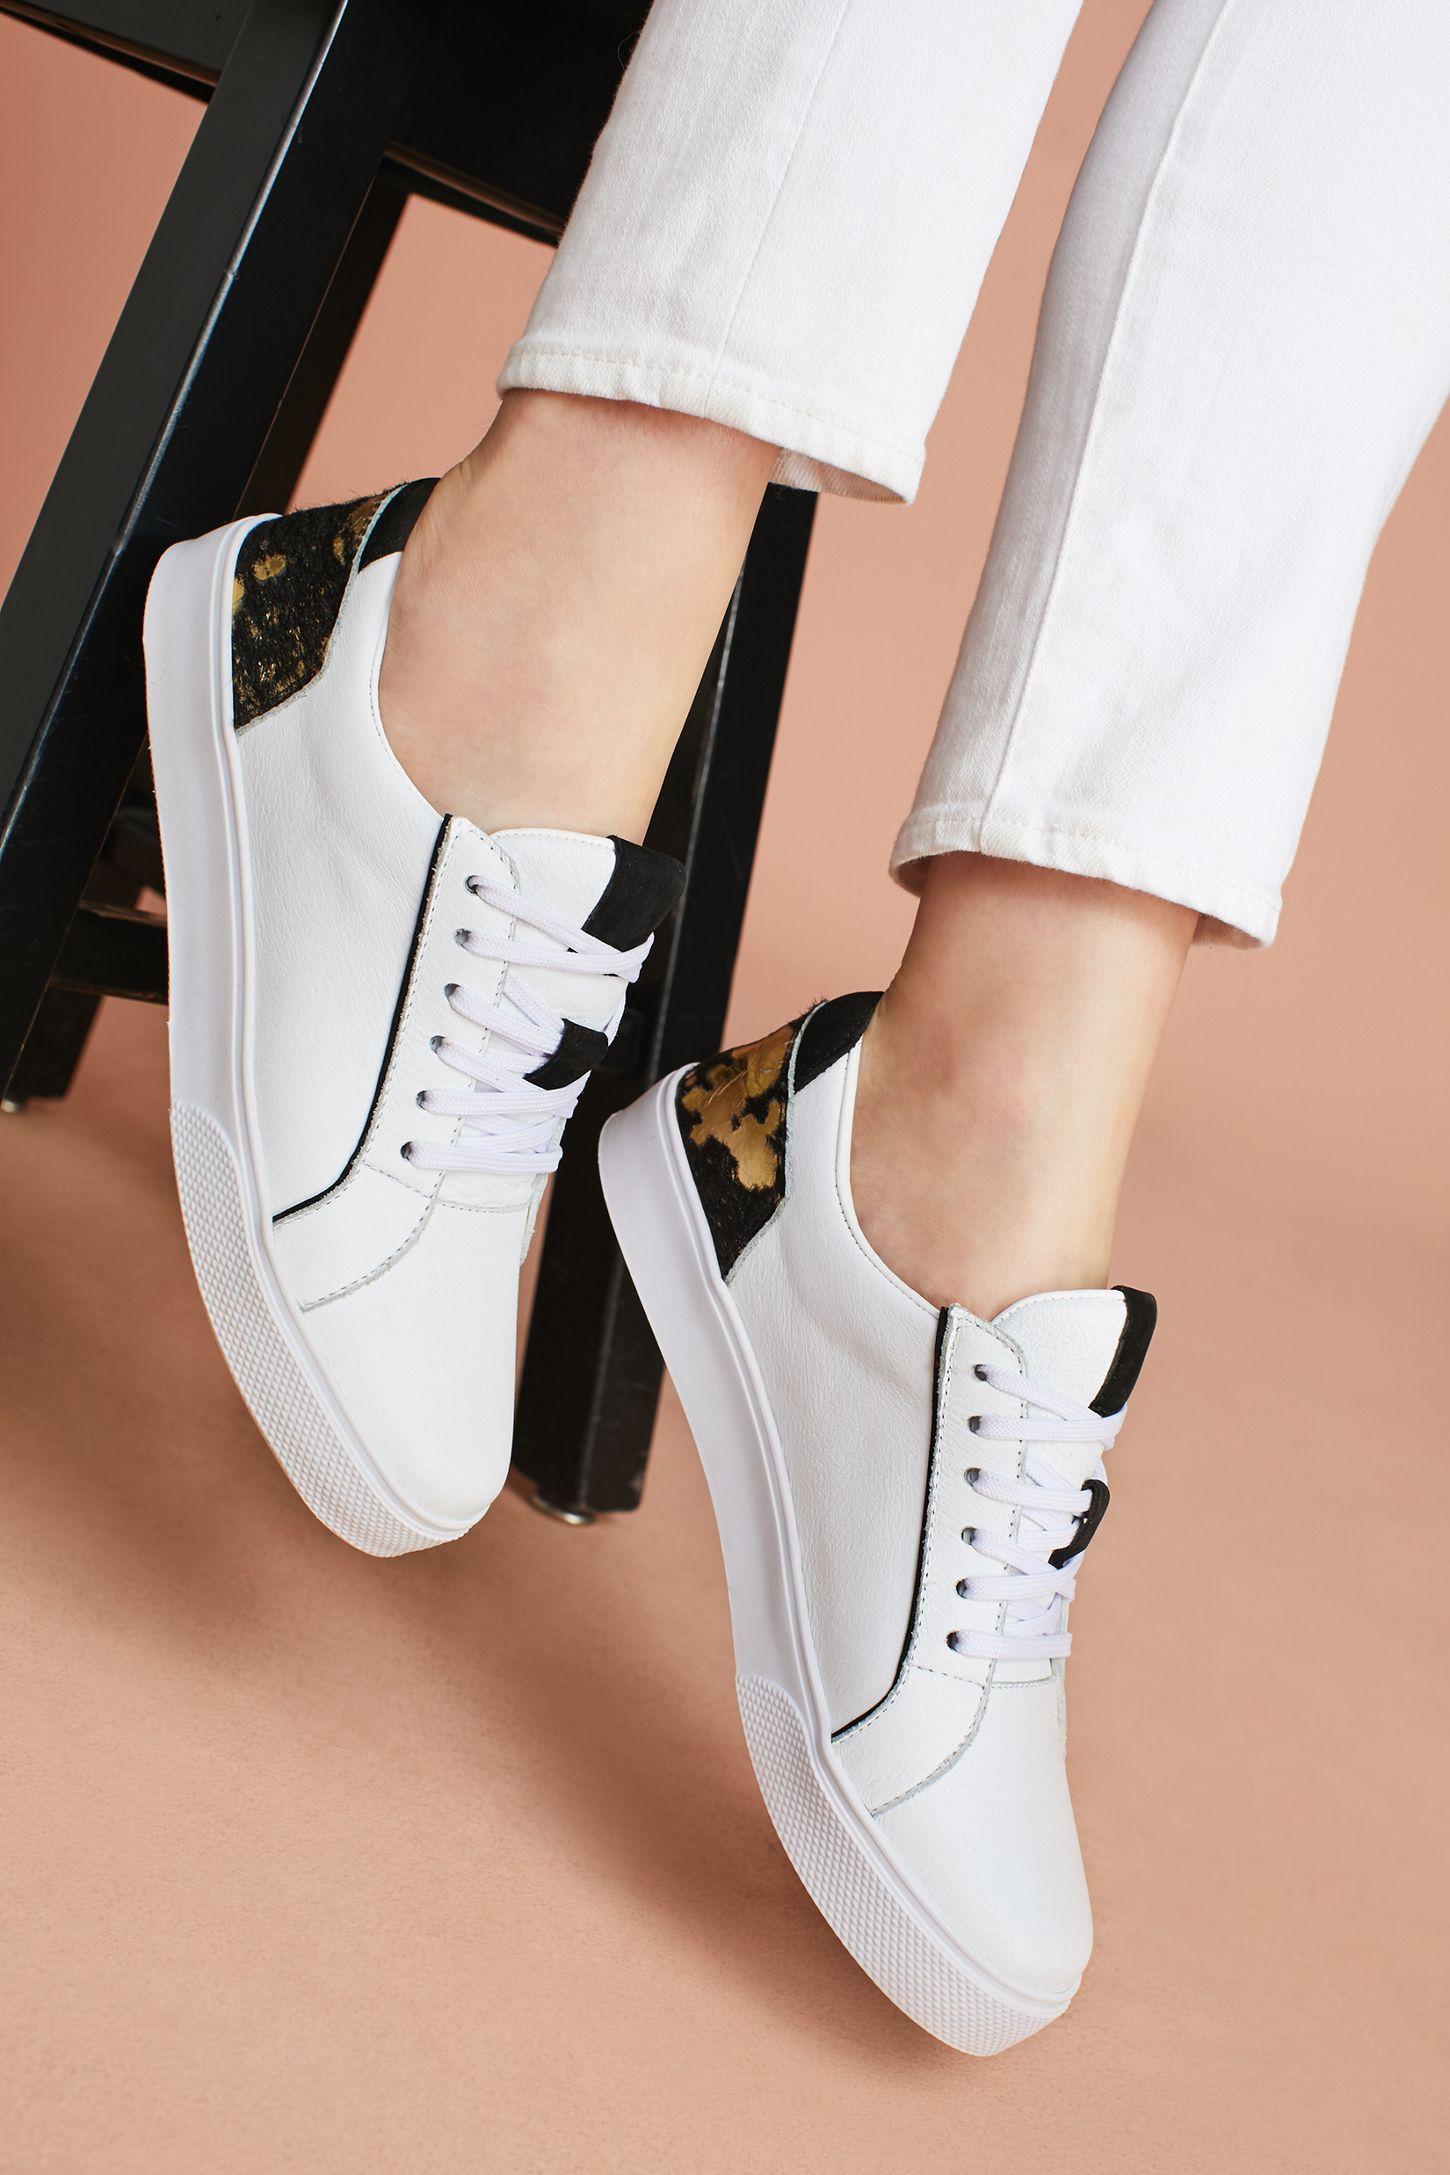 fad4689ca4cf Kaanas San Rafael Sneakers